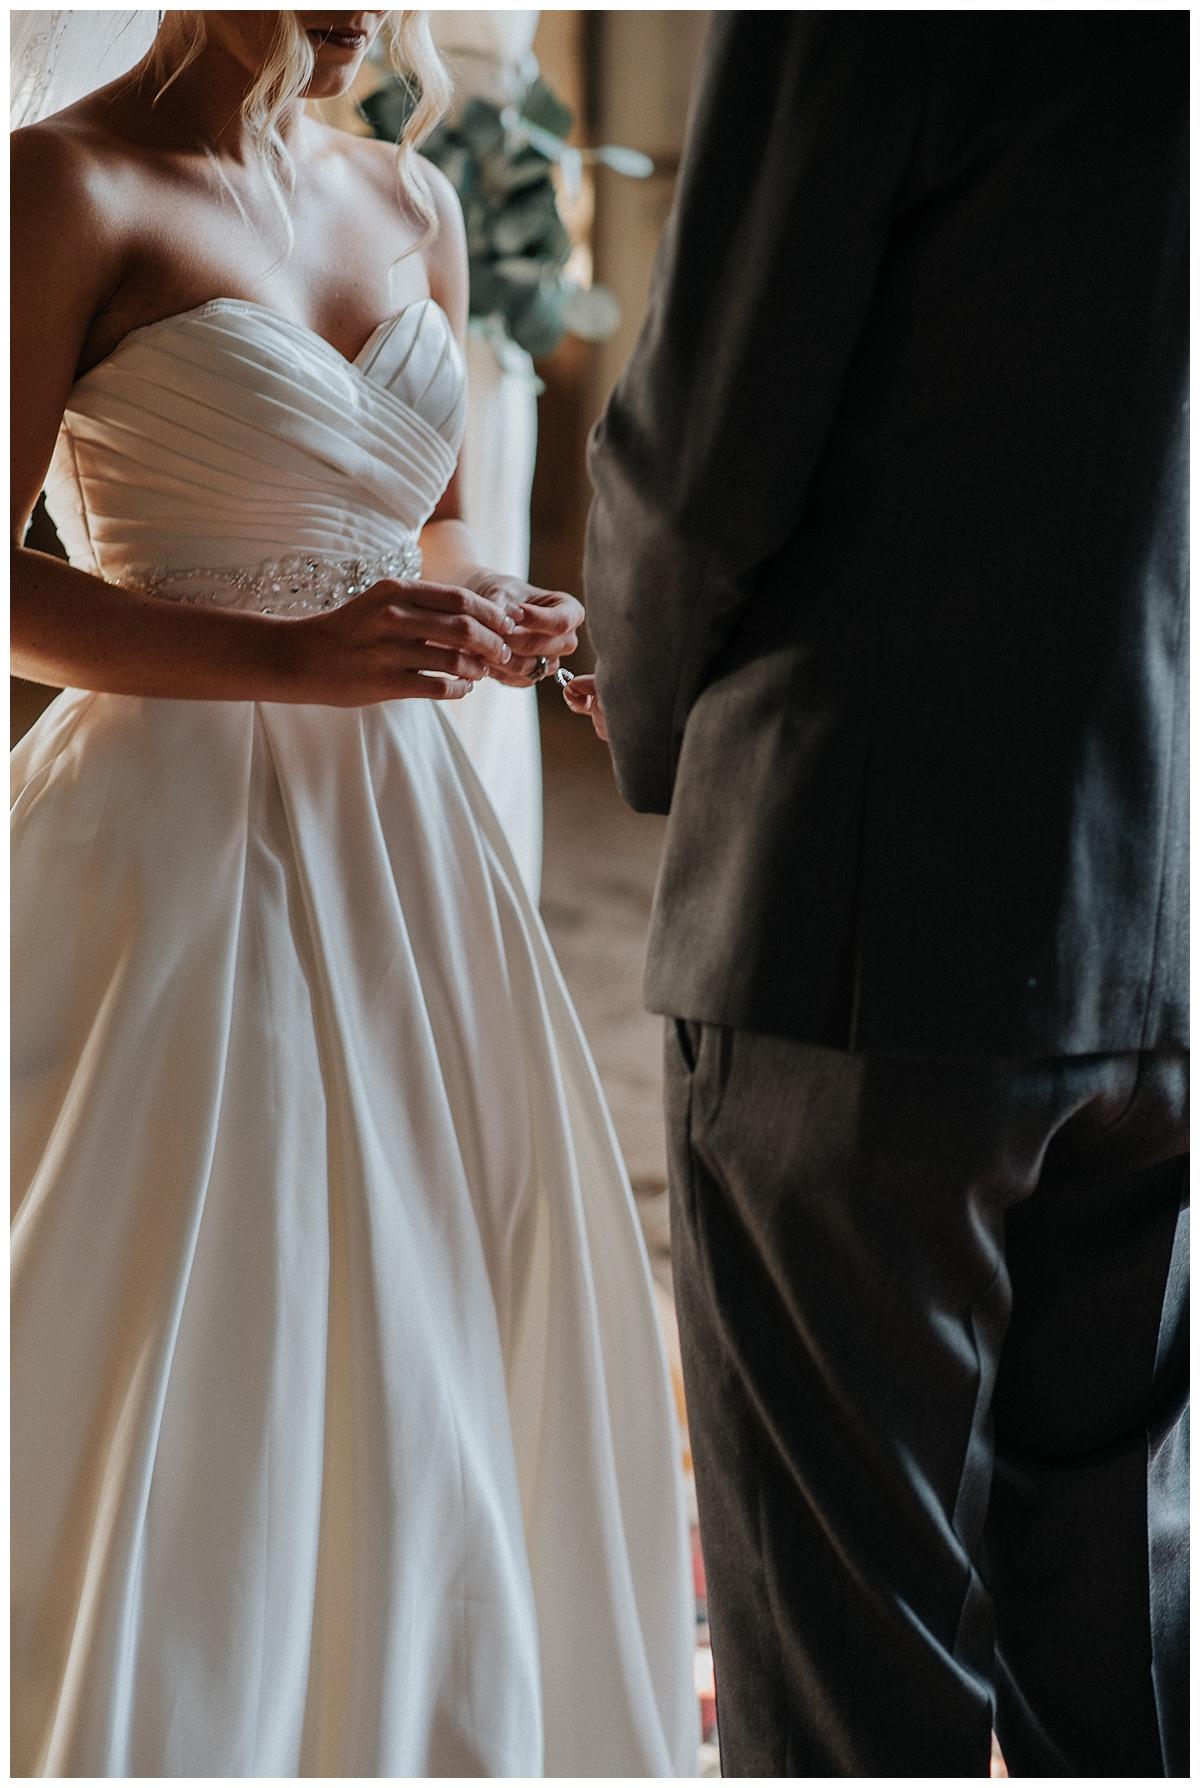 Rustic-Barn-Wedding-Halifax-Nova-Scotia_75.jpg